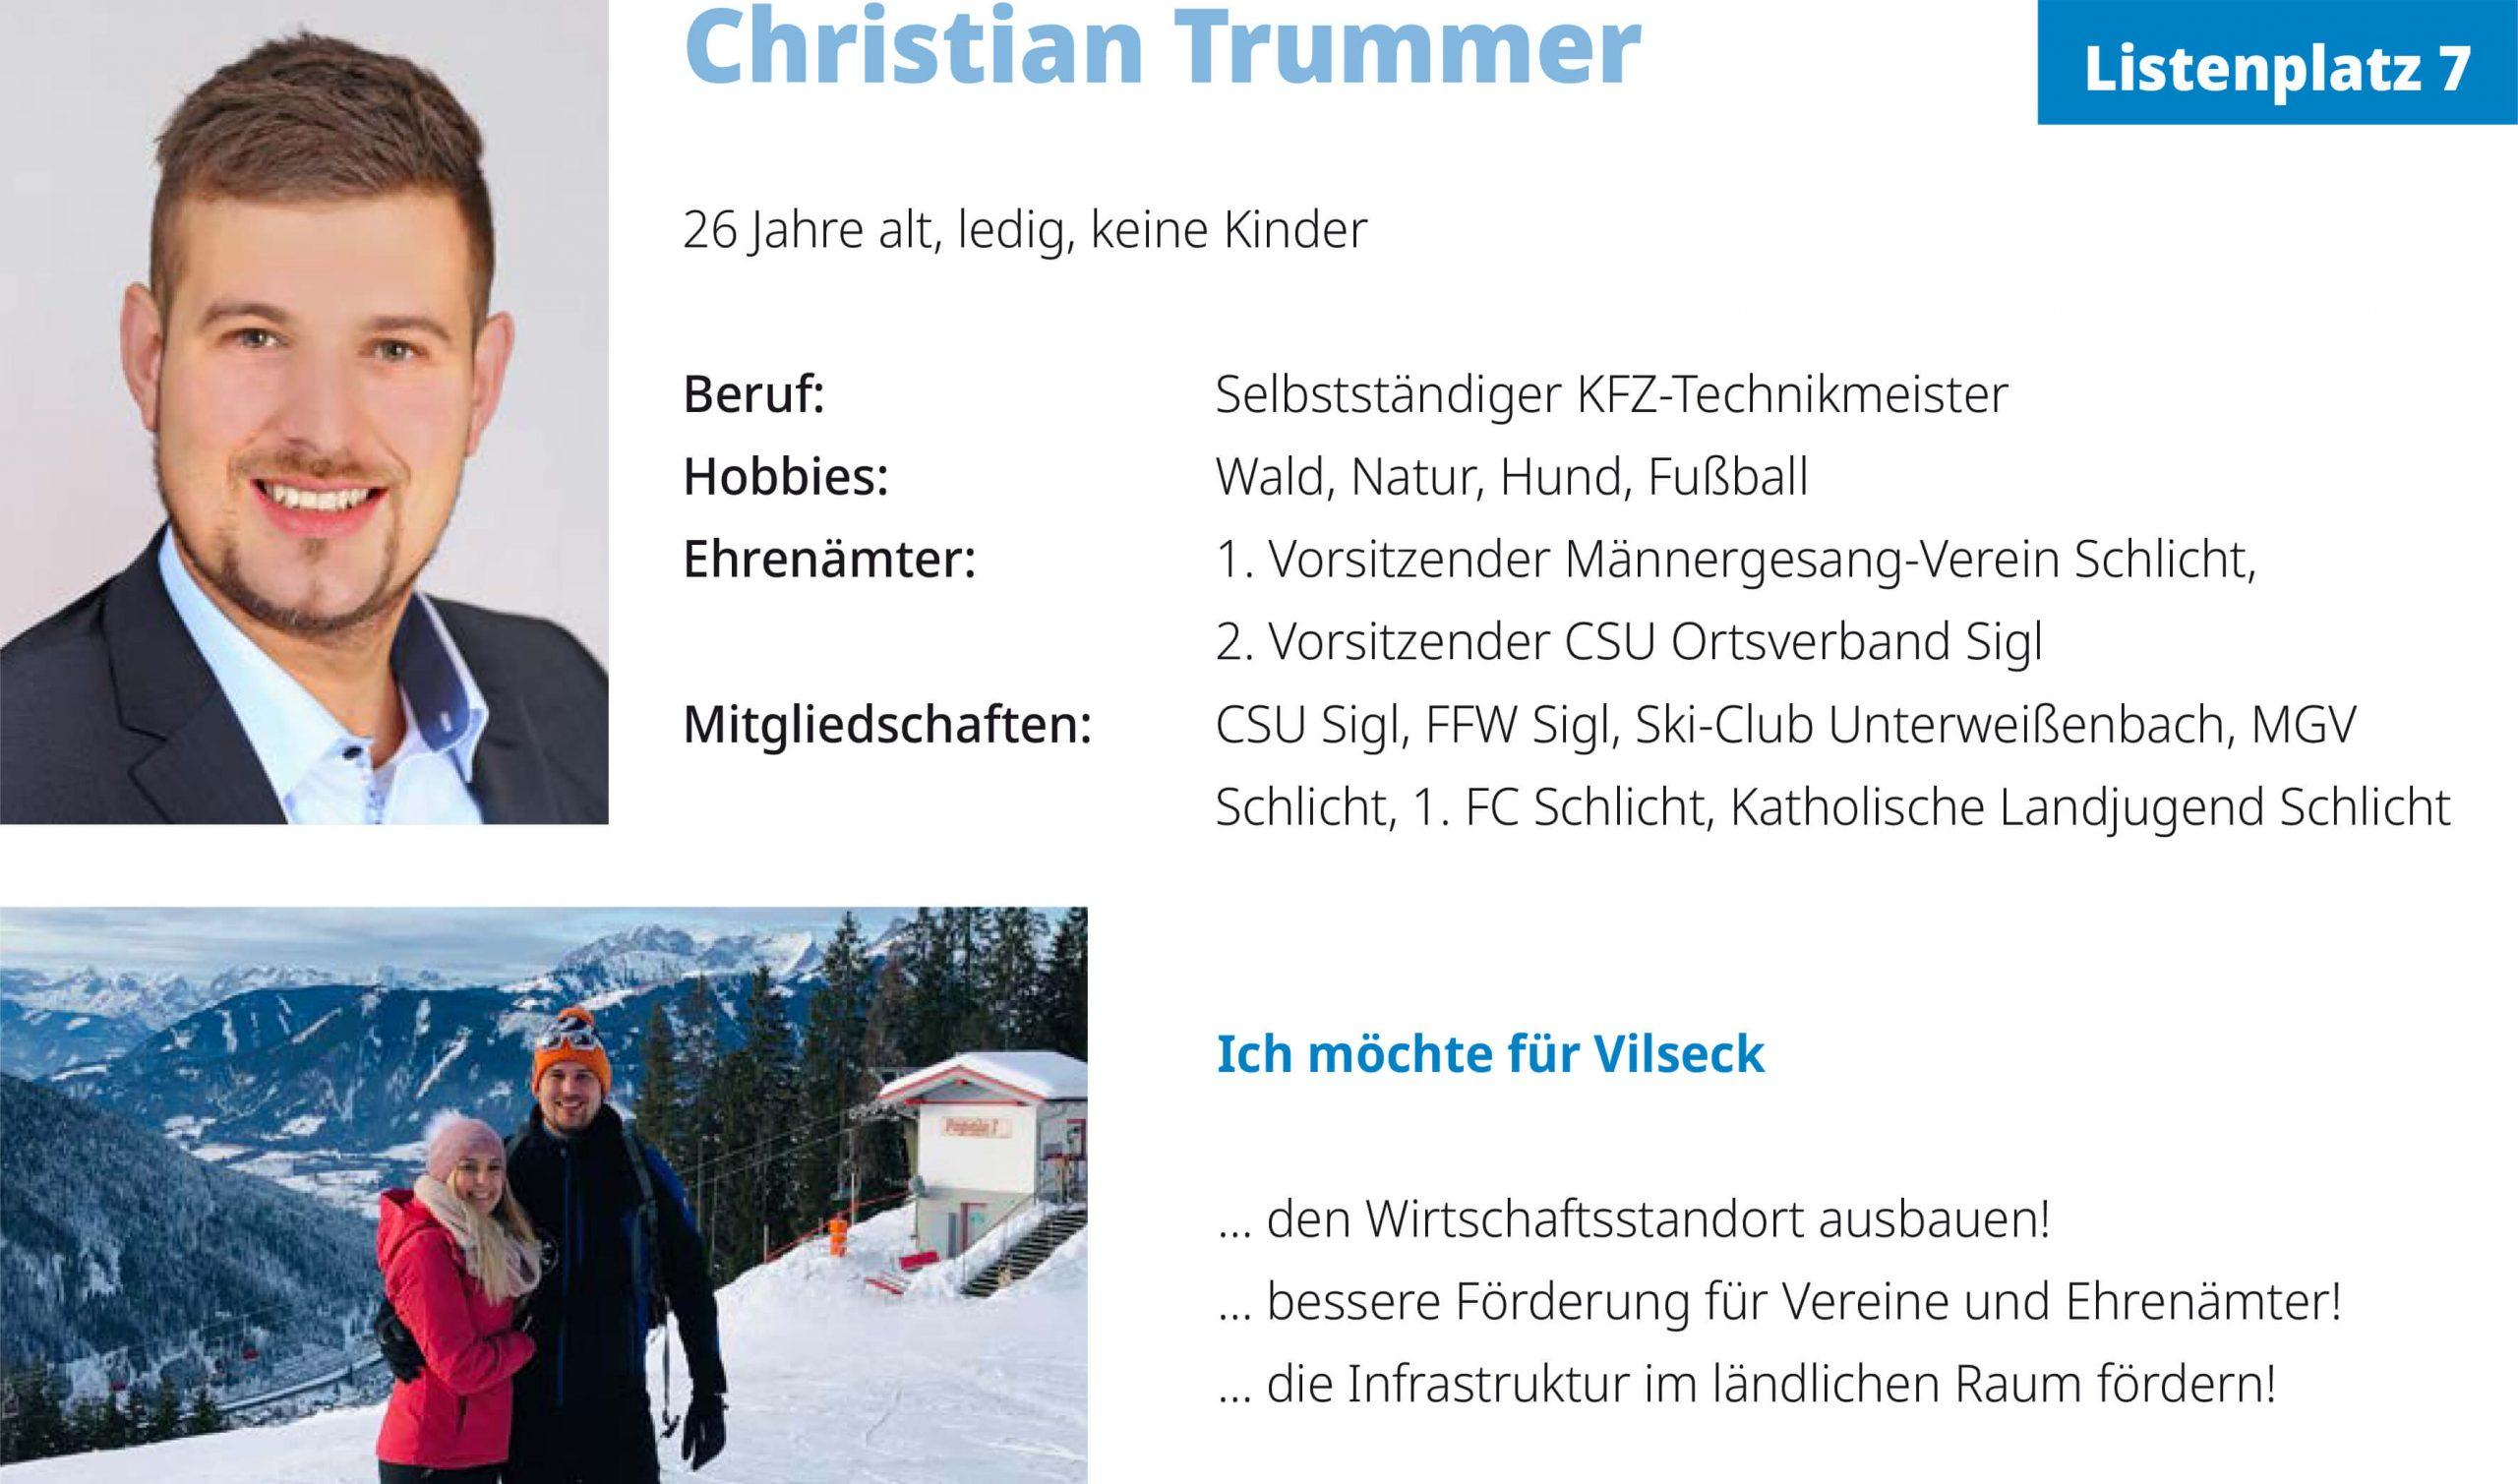 Christian Trummer